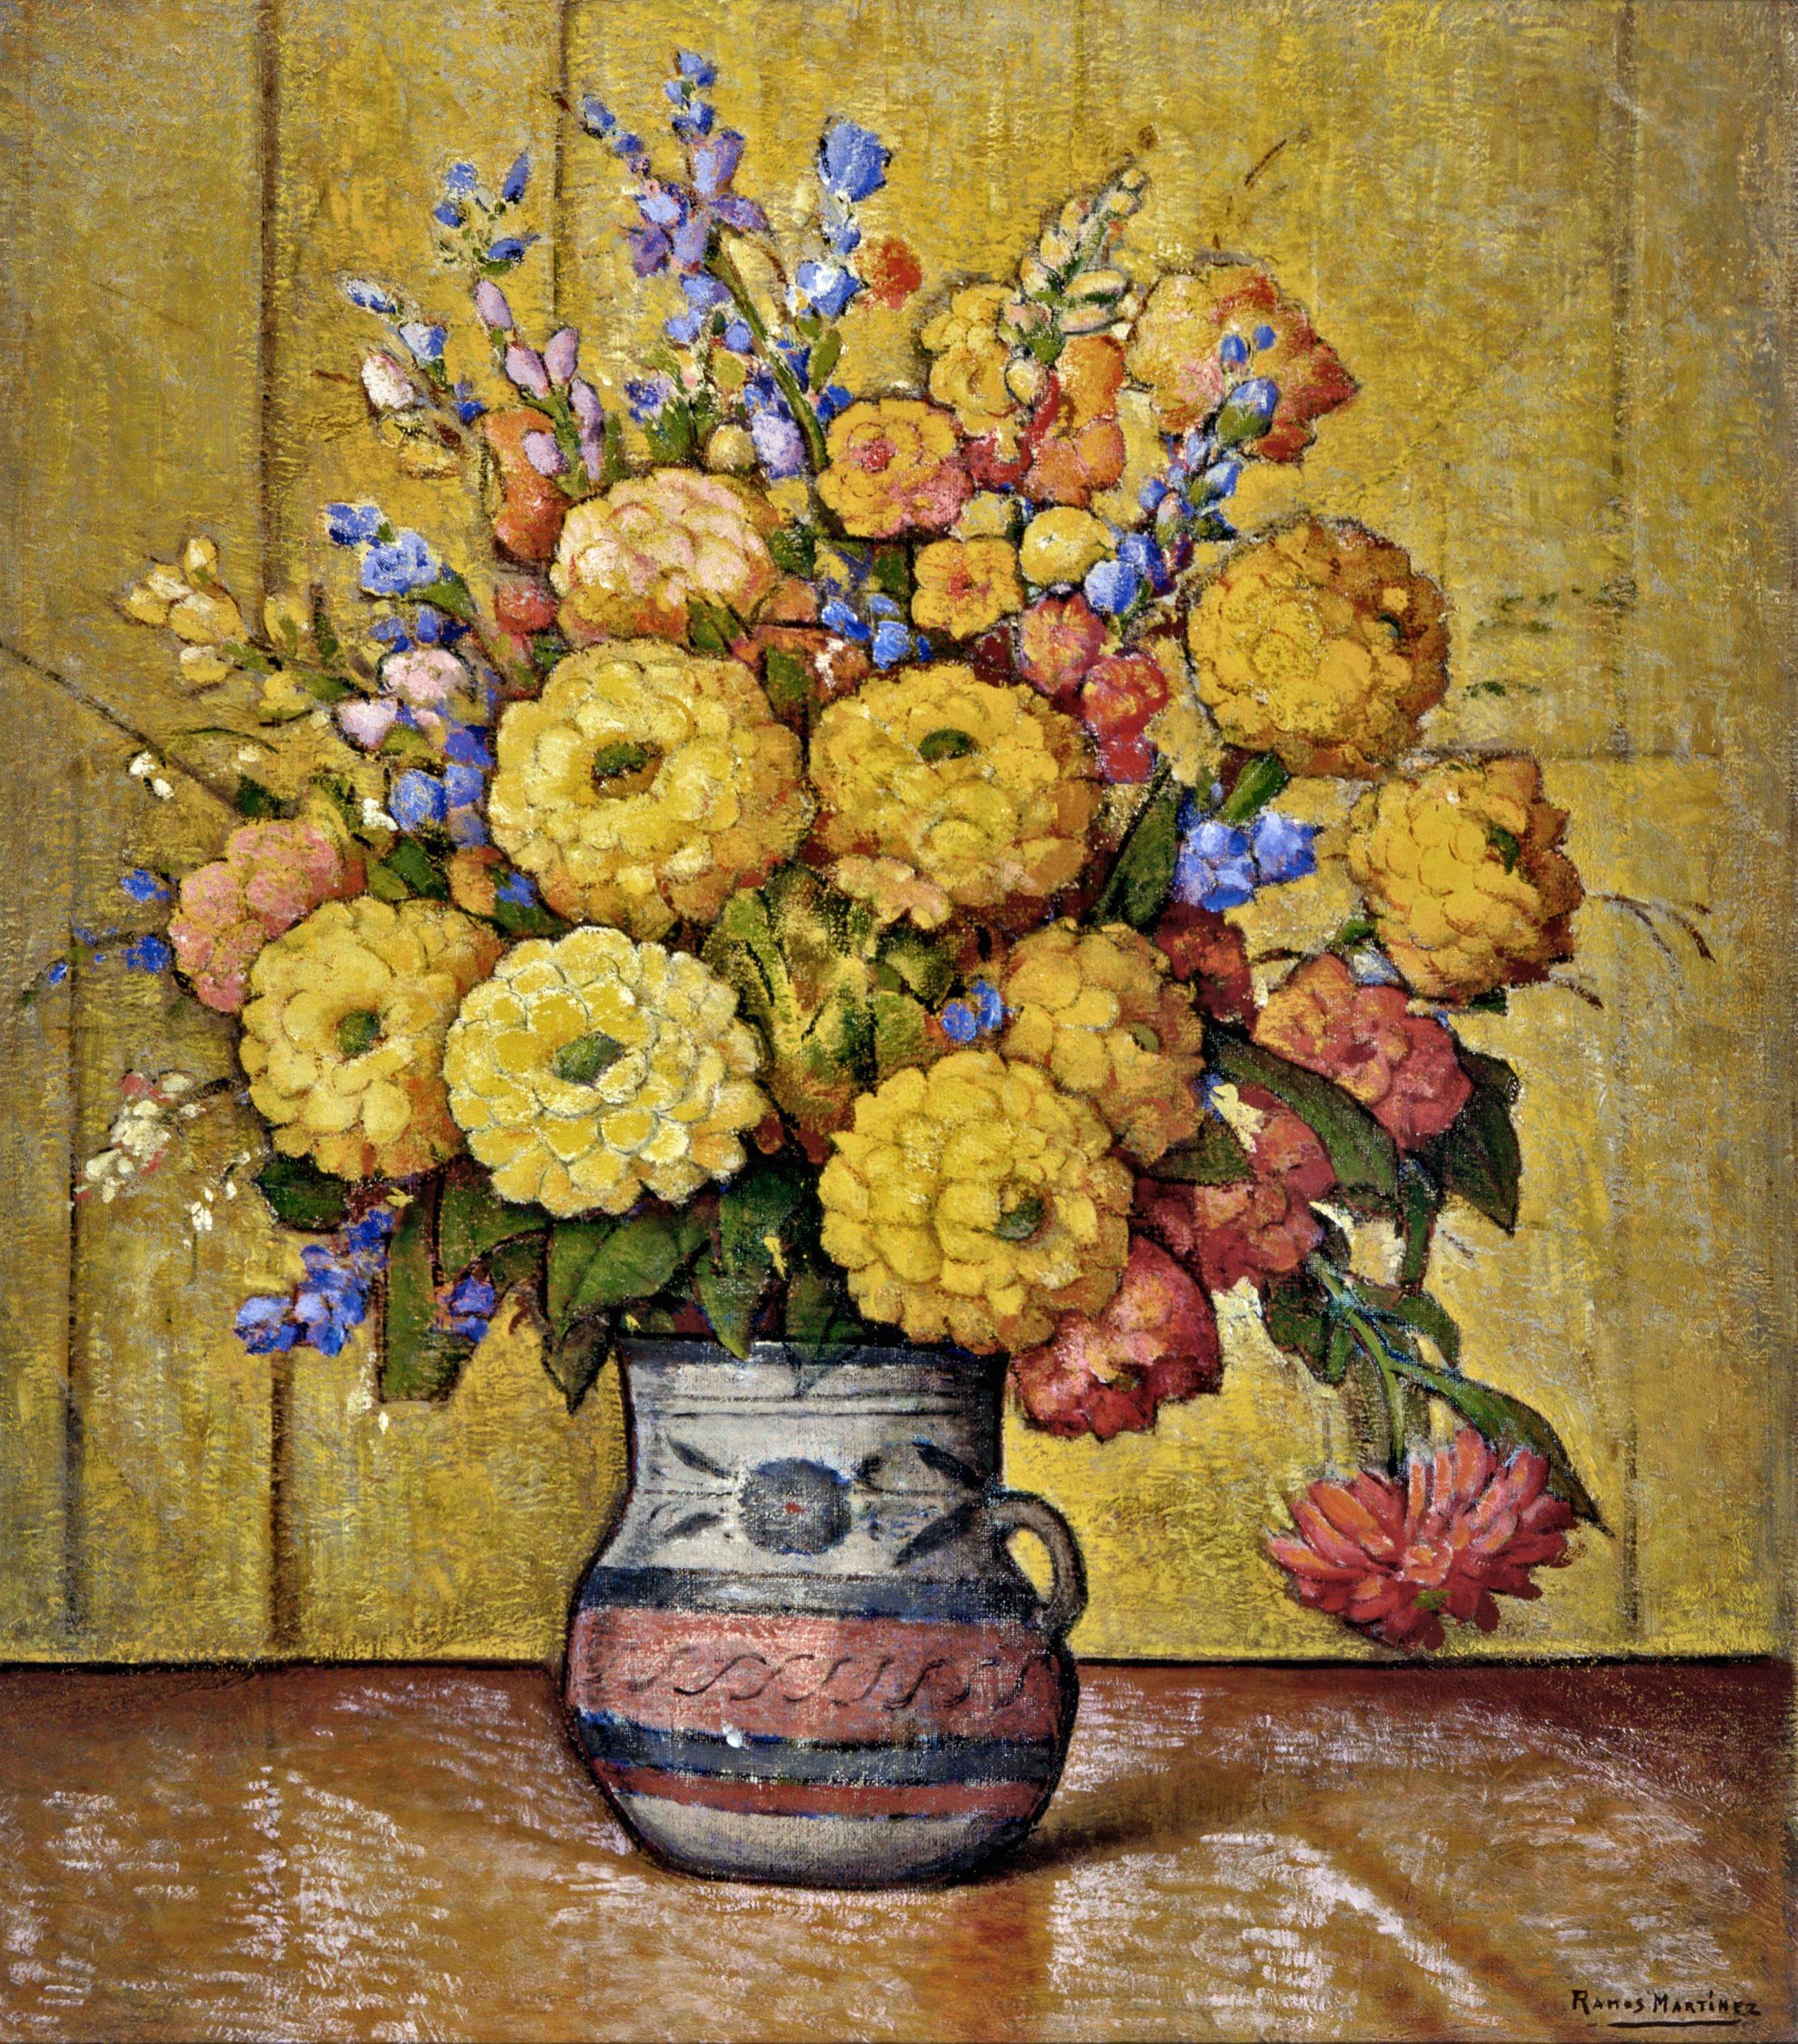 Flores en un Jarro de Guadalajara / Flowers in a Guadalajara Vase  ca. 1930 oil on canvas / óleo sobre tela 32 x 28 inches; 81.3 x 71.1 centímetros Private collection